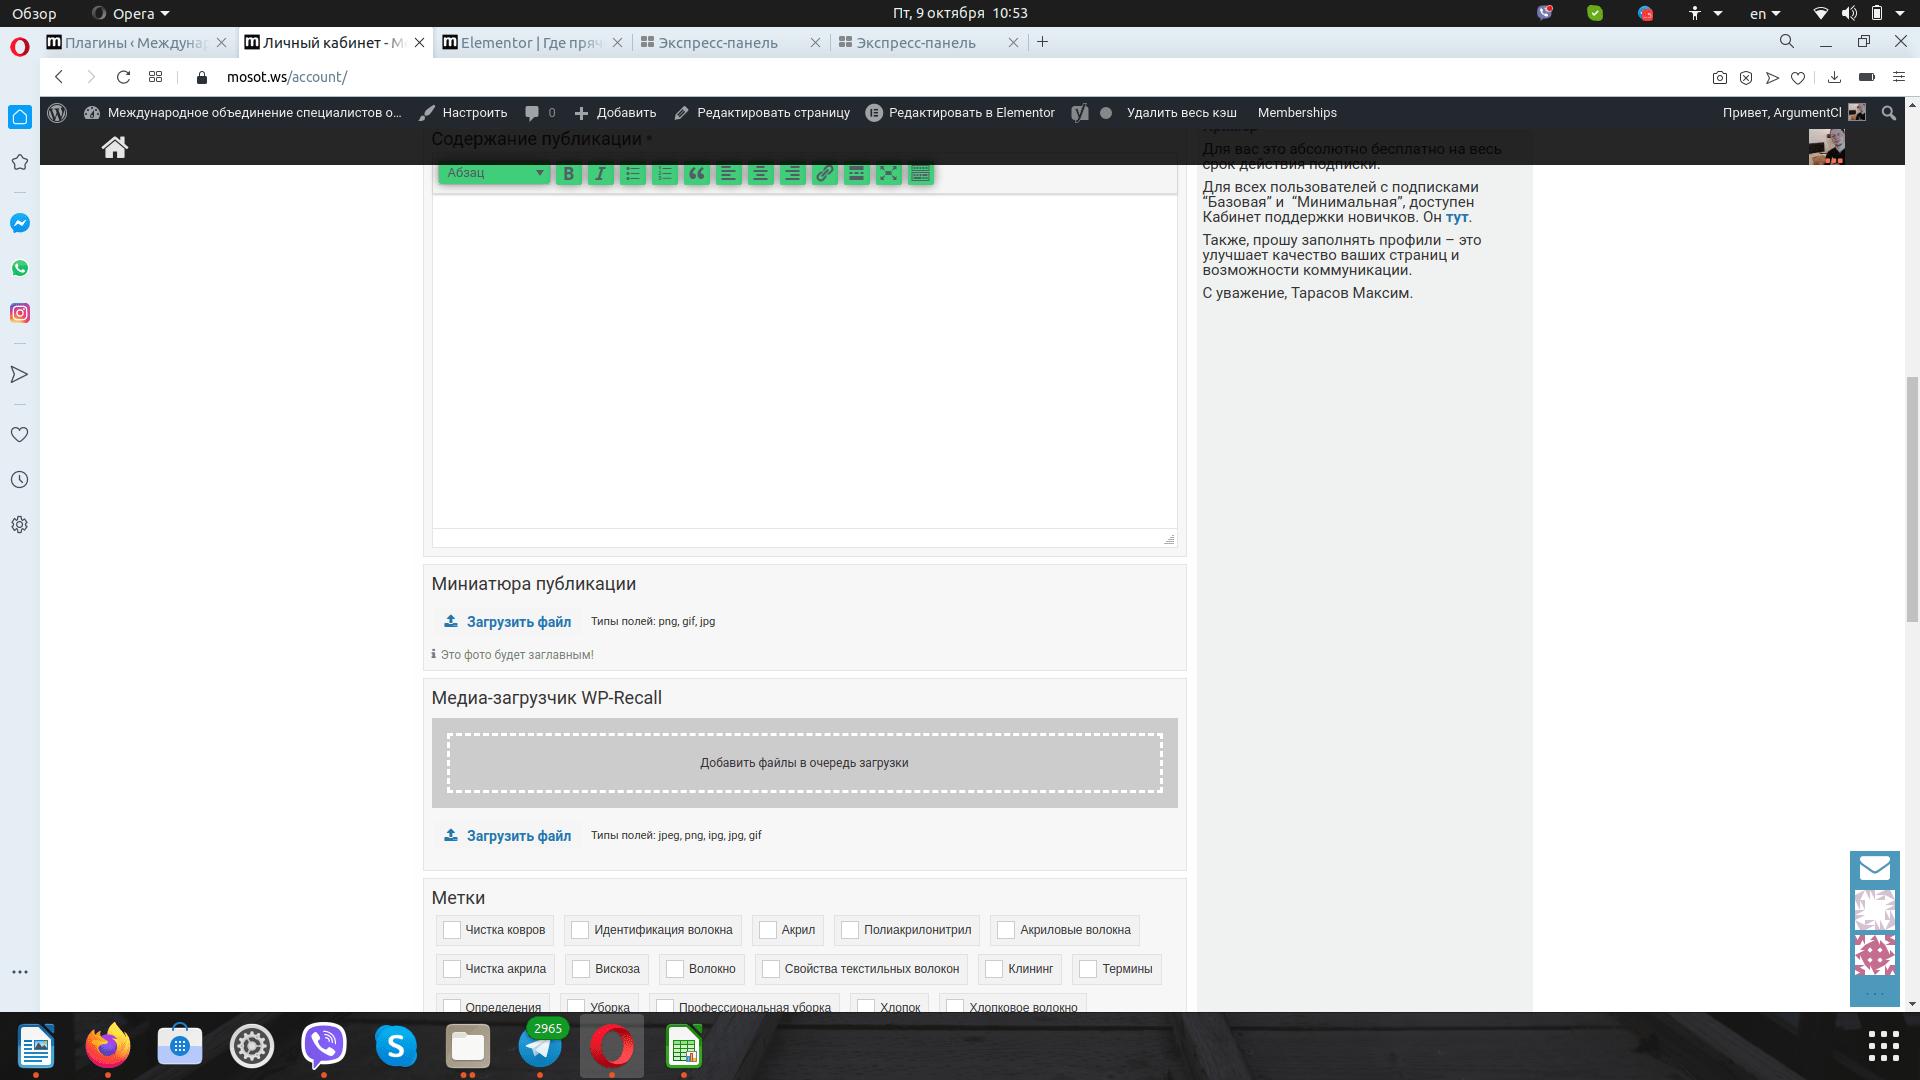 Пользовательская часть